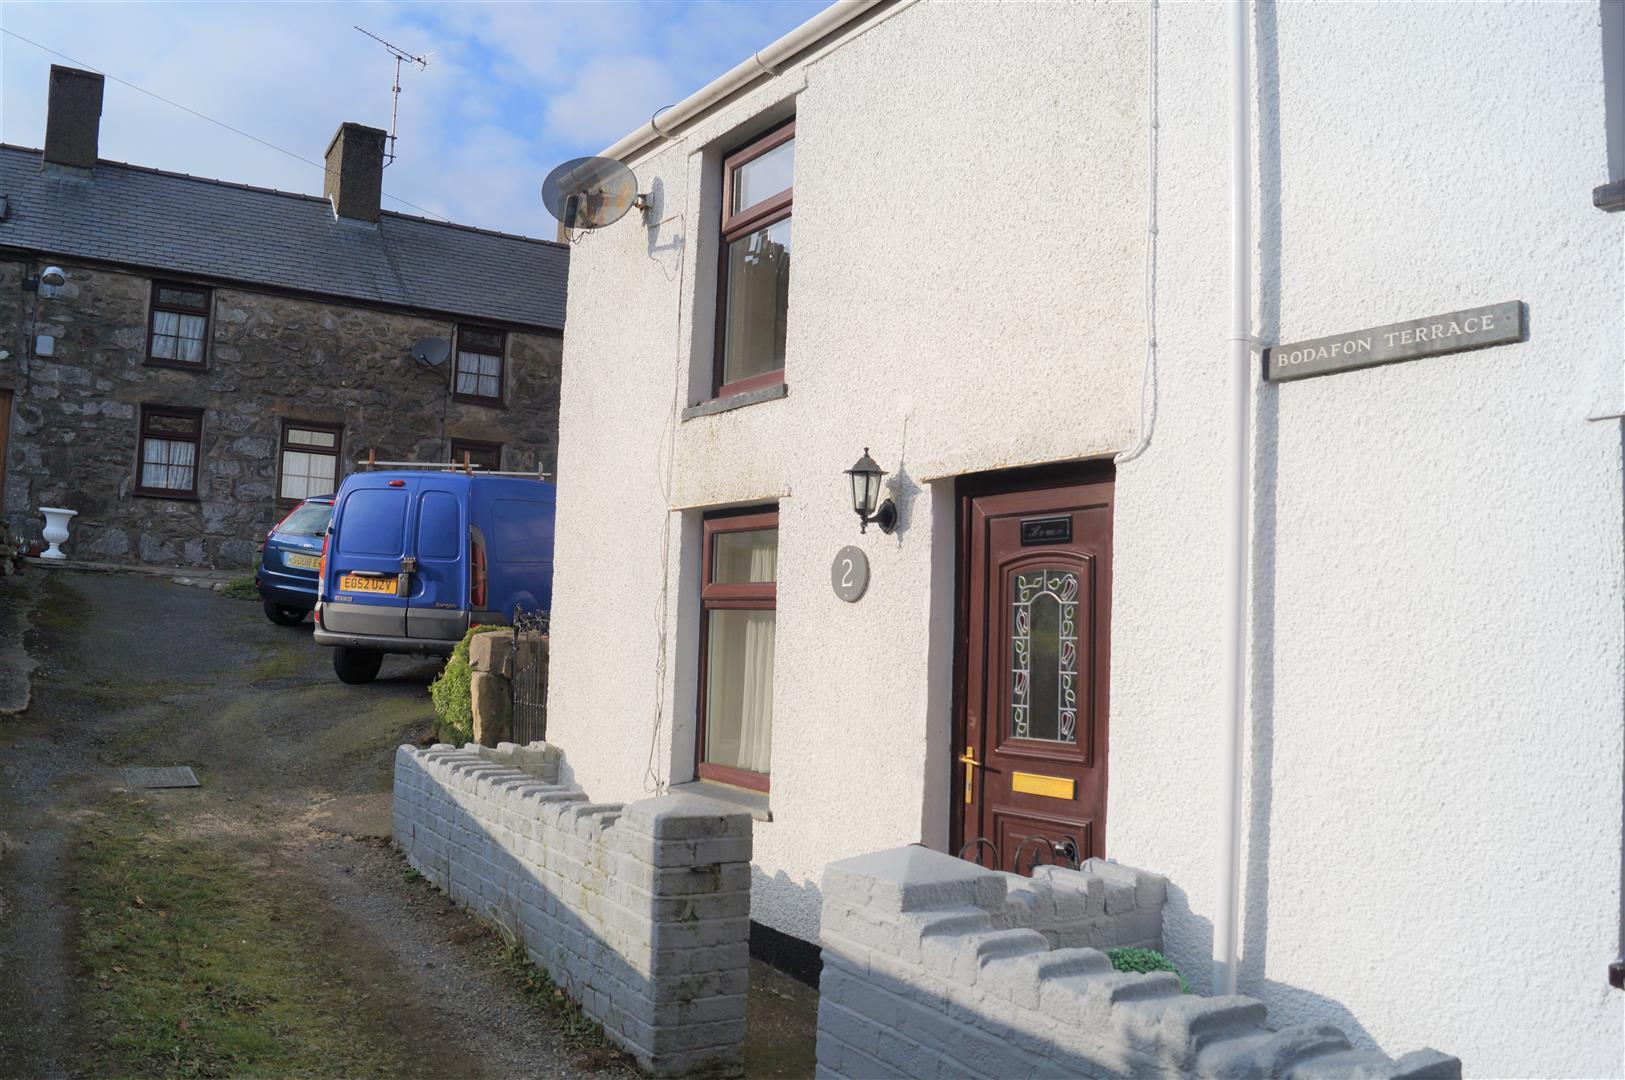 Bodafon Terrace, Llanaelhearn